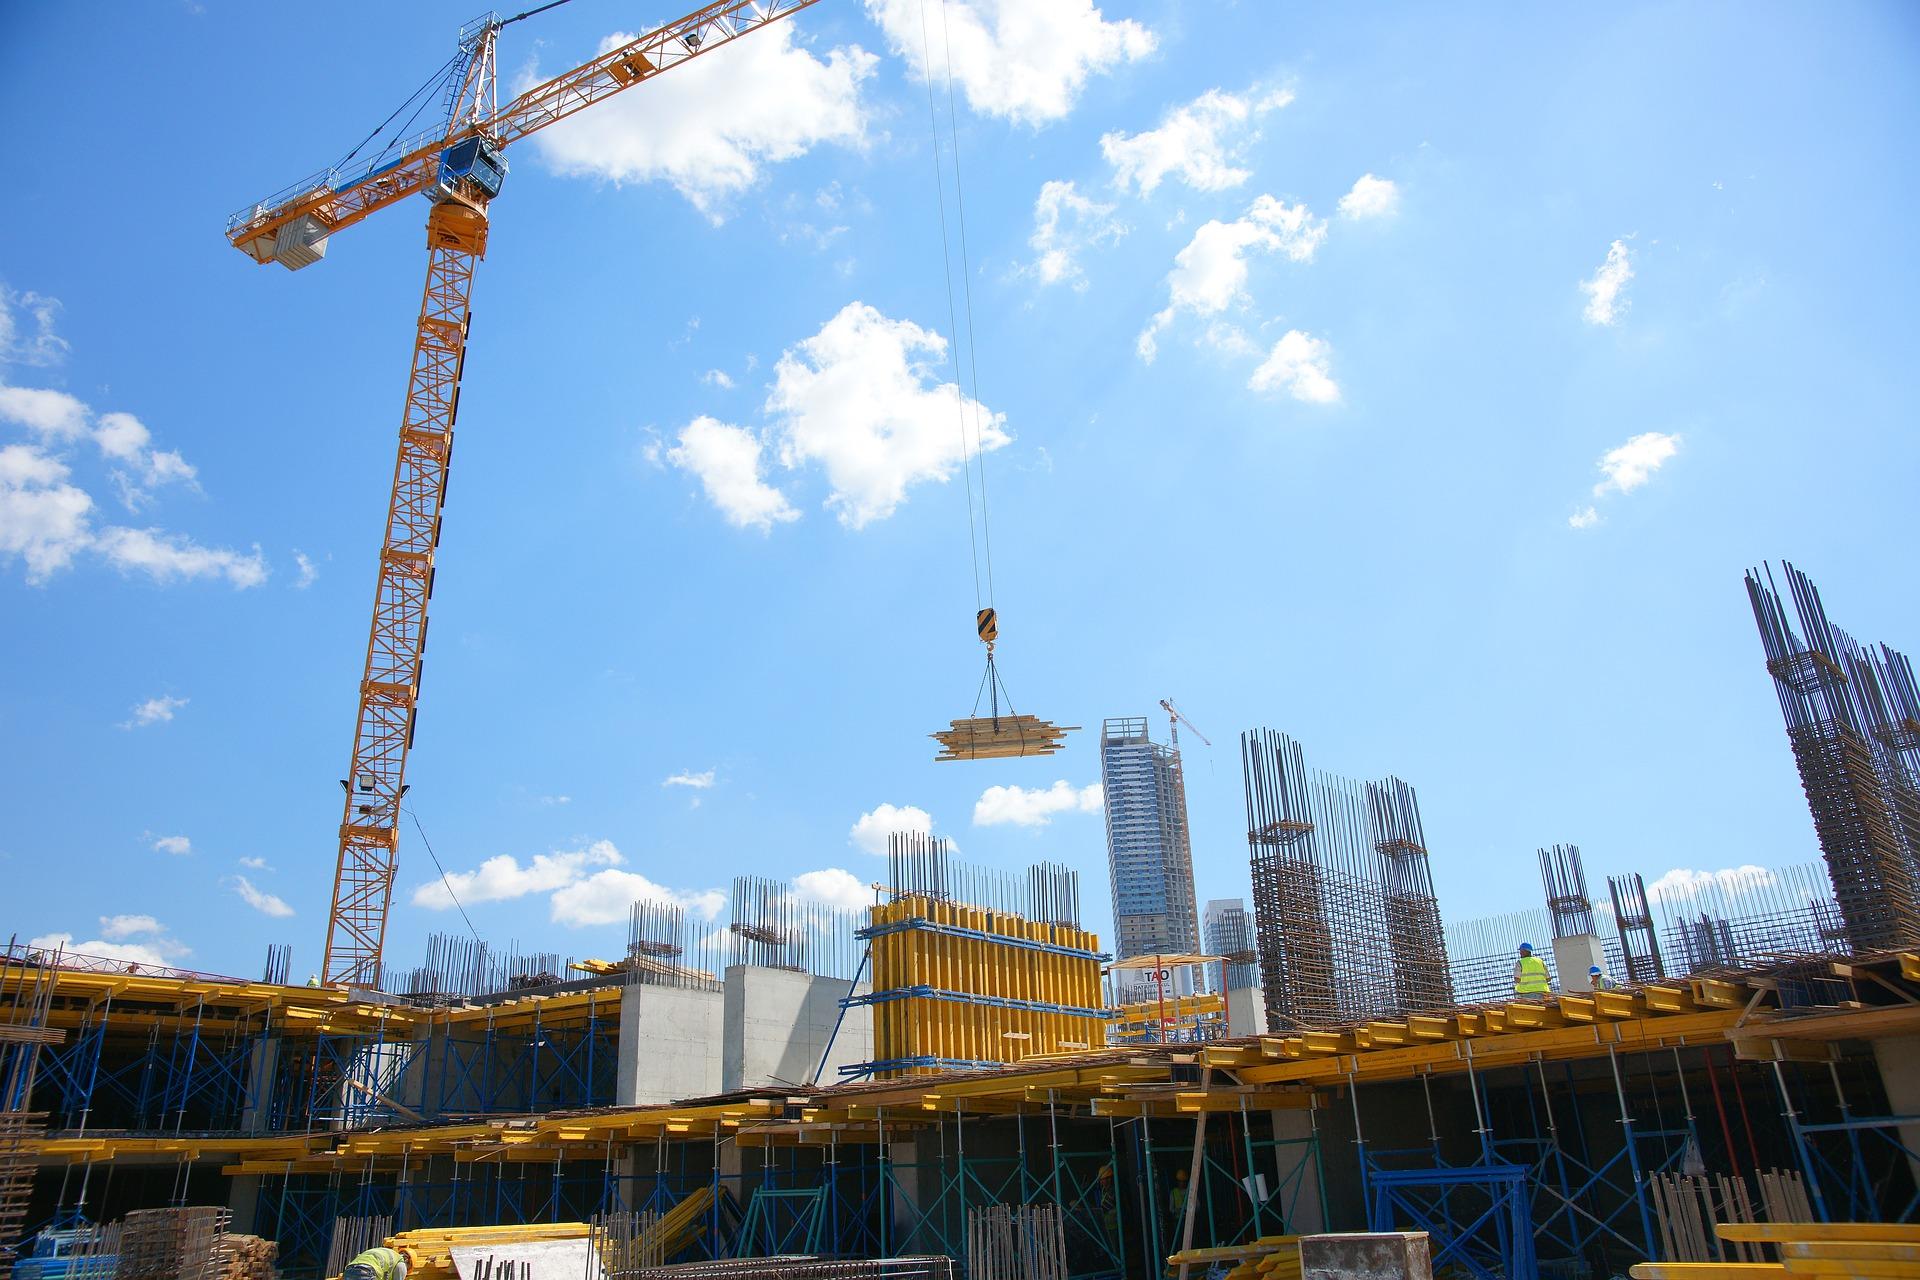 GVH: négy vizsgálat zajlik párhuzamosan az építőipari piacokon